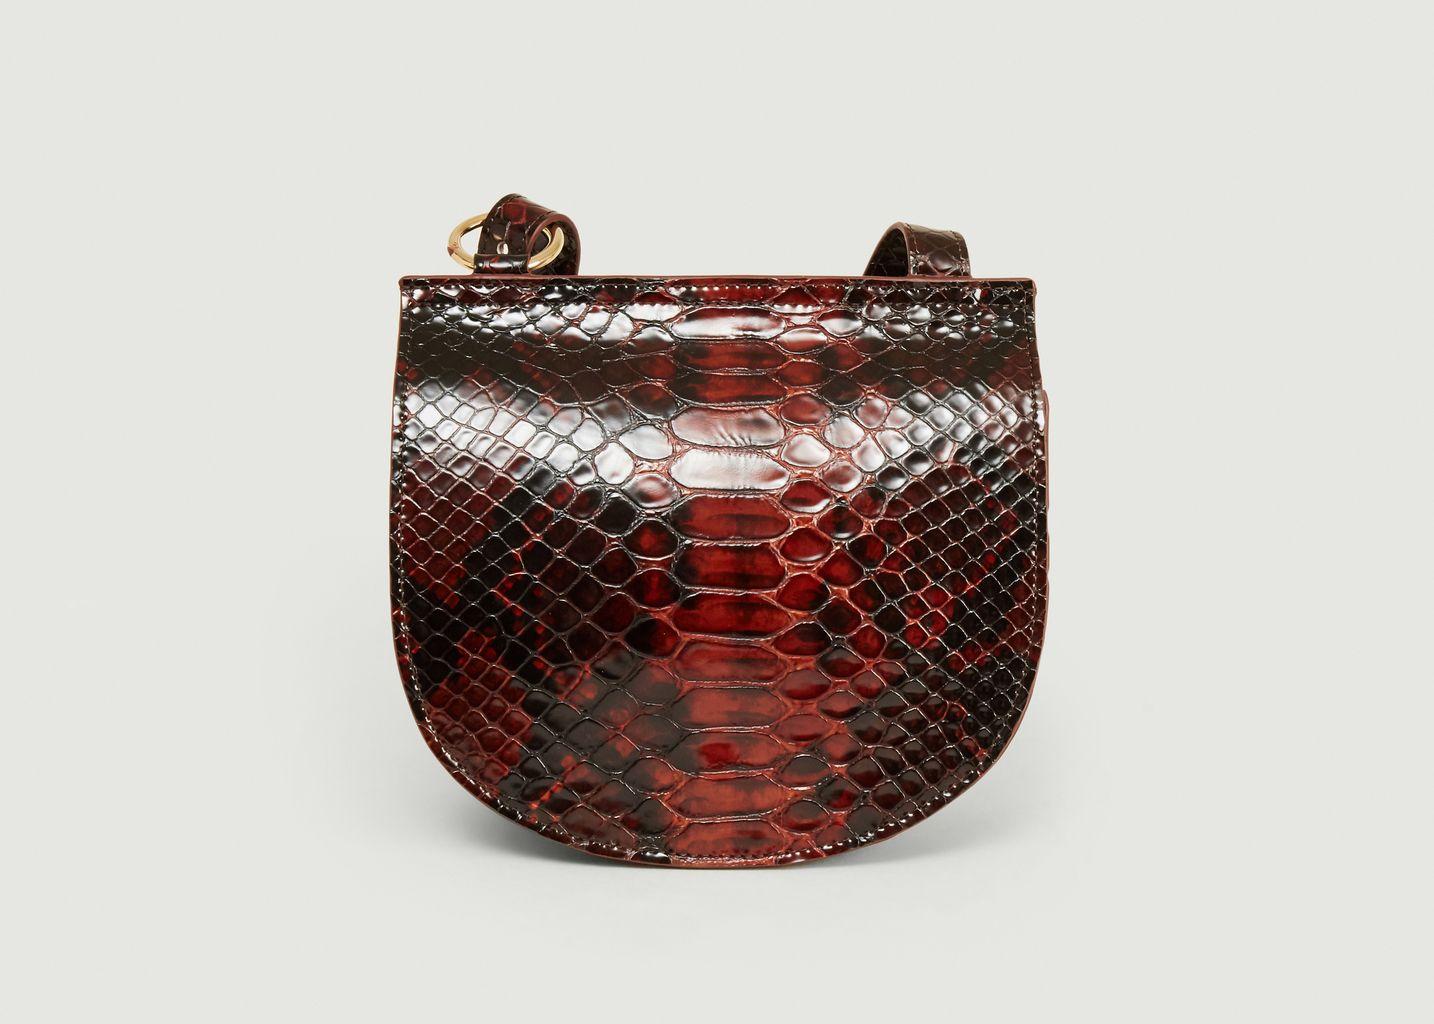 Sac en cuir effet python Paris Zaire - Anthology Paris